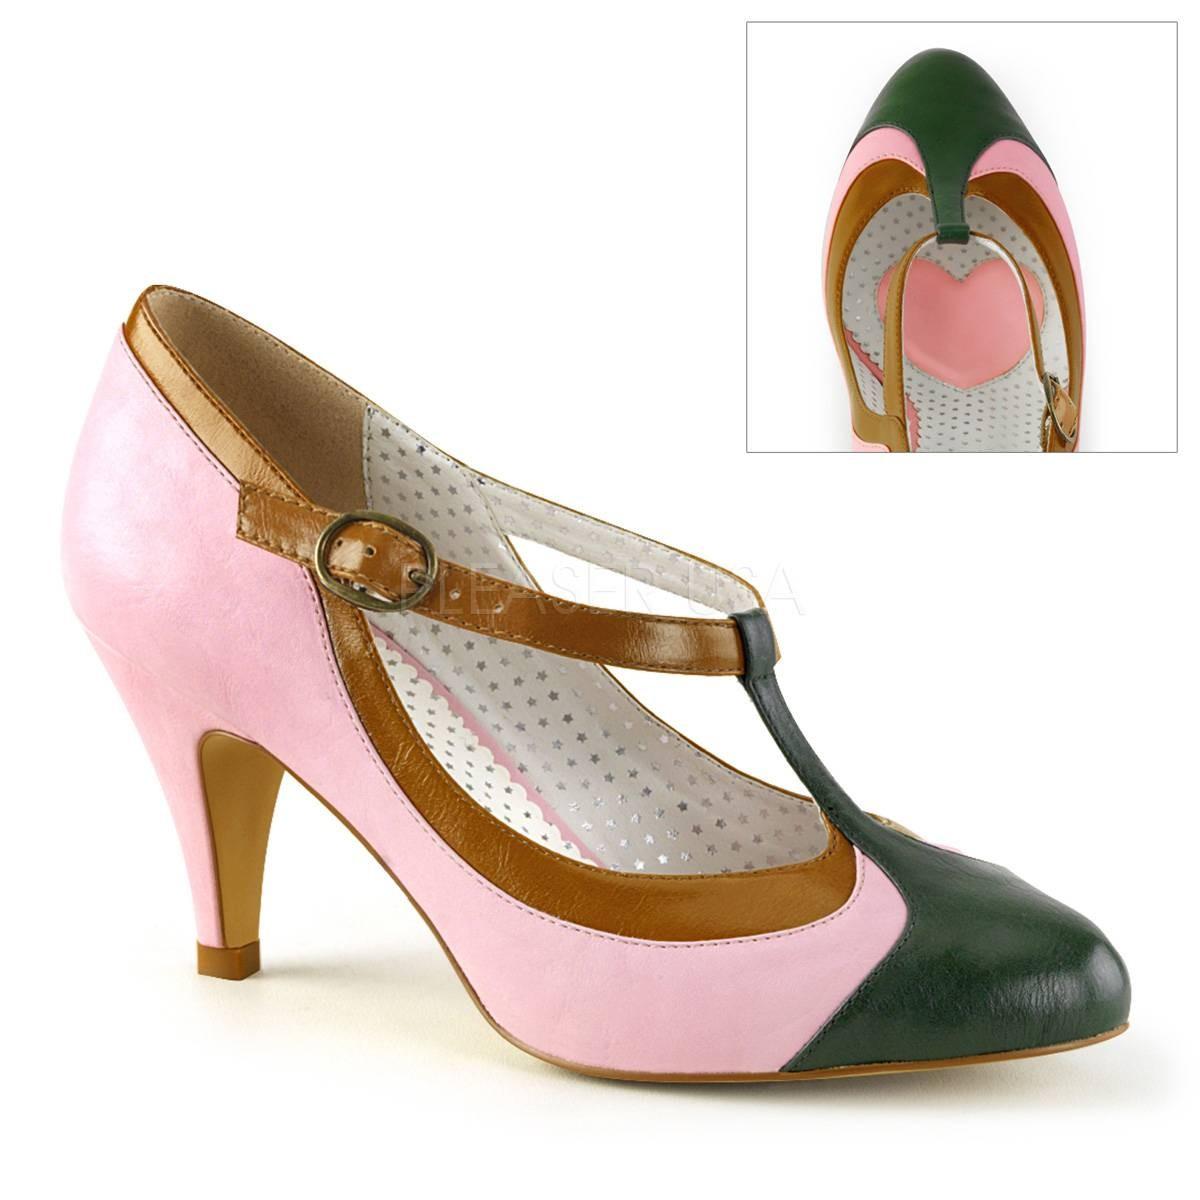 Pumps - PEACH 03 ° Damen Pumps ° RosaMatt ° Pin Up Couture  - Onlineshop RedSixty